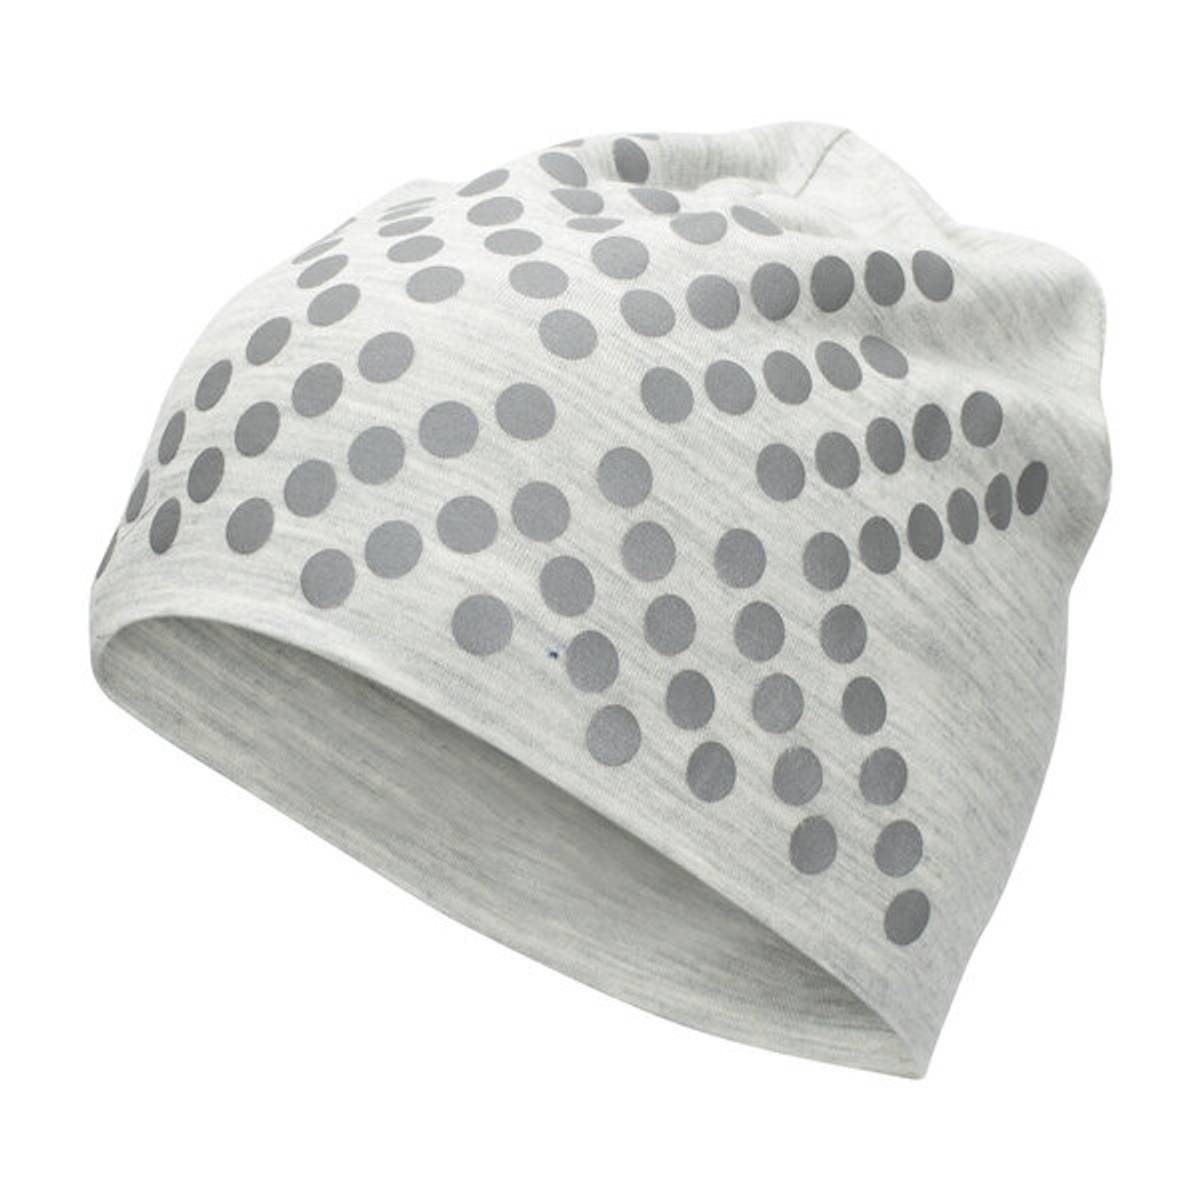 Morild Sølvfaks lue med refleks, lys grå